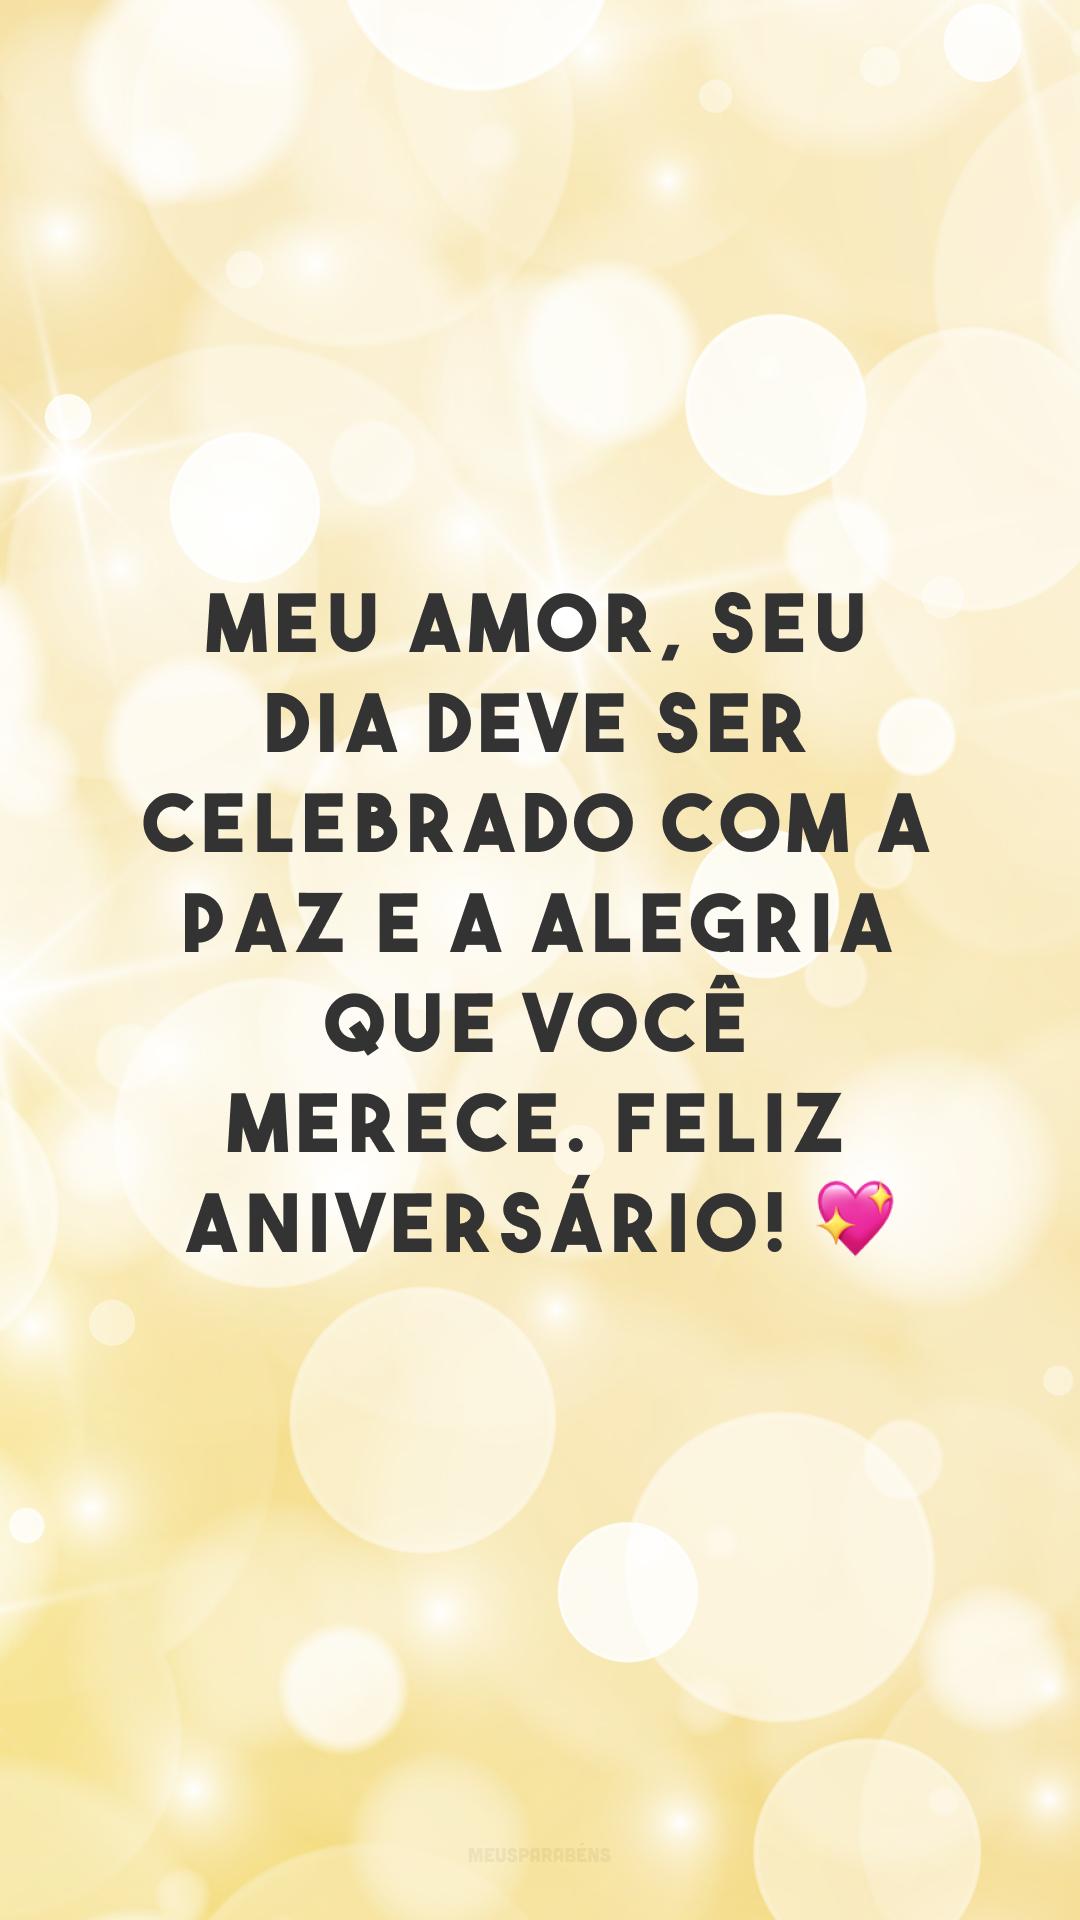 Meu amor, seu dia deve ser celebrado com a paz e a alegria que você merece. Feliz aniversário! 💖